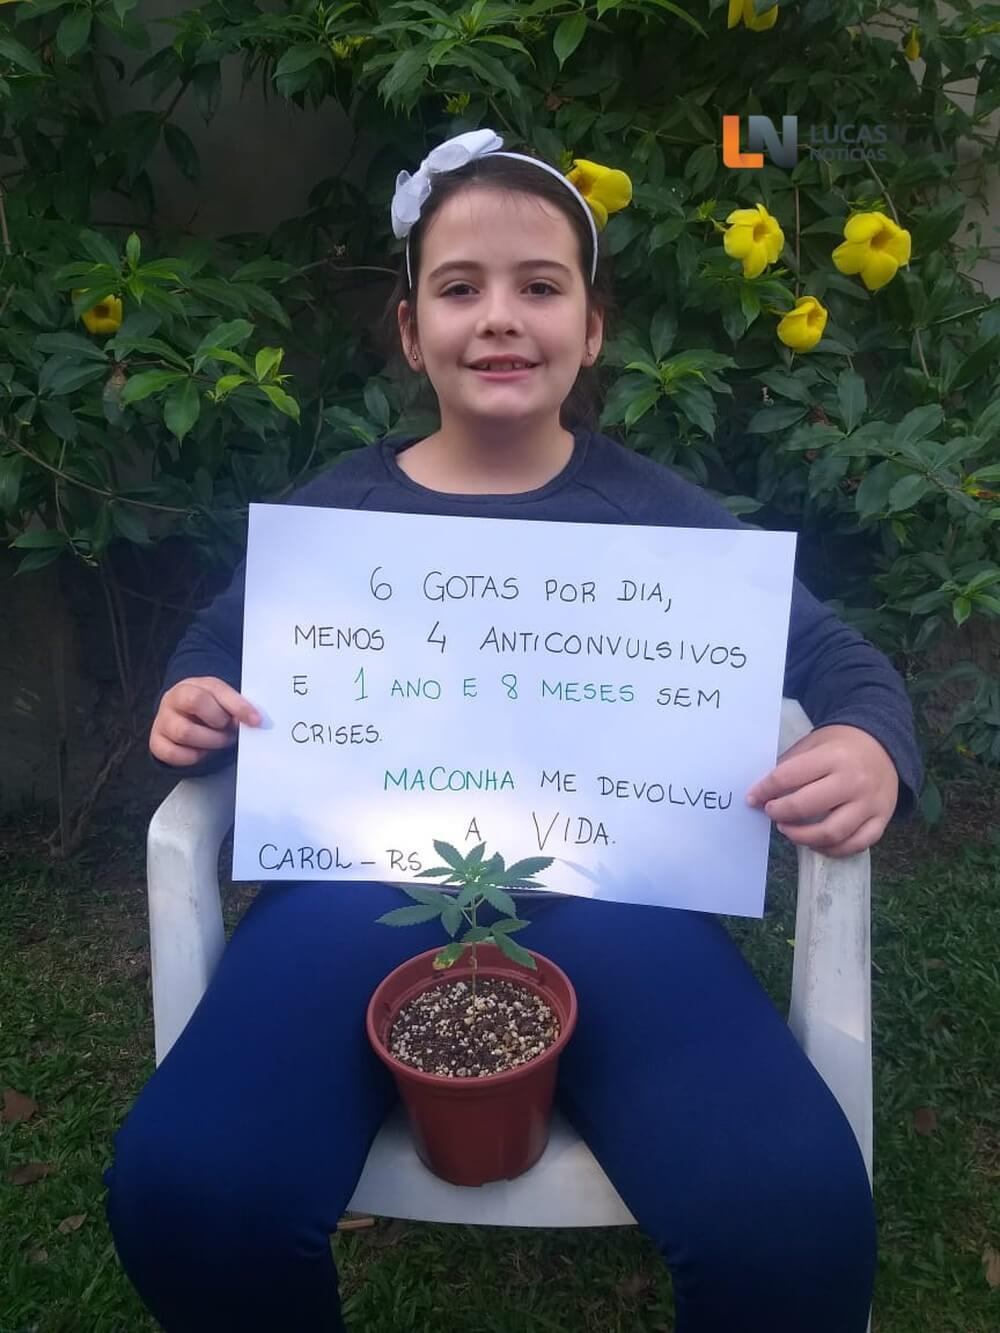 Caroline Pereira da Silva